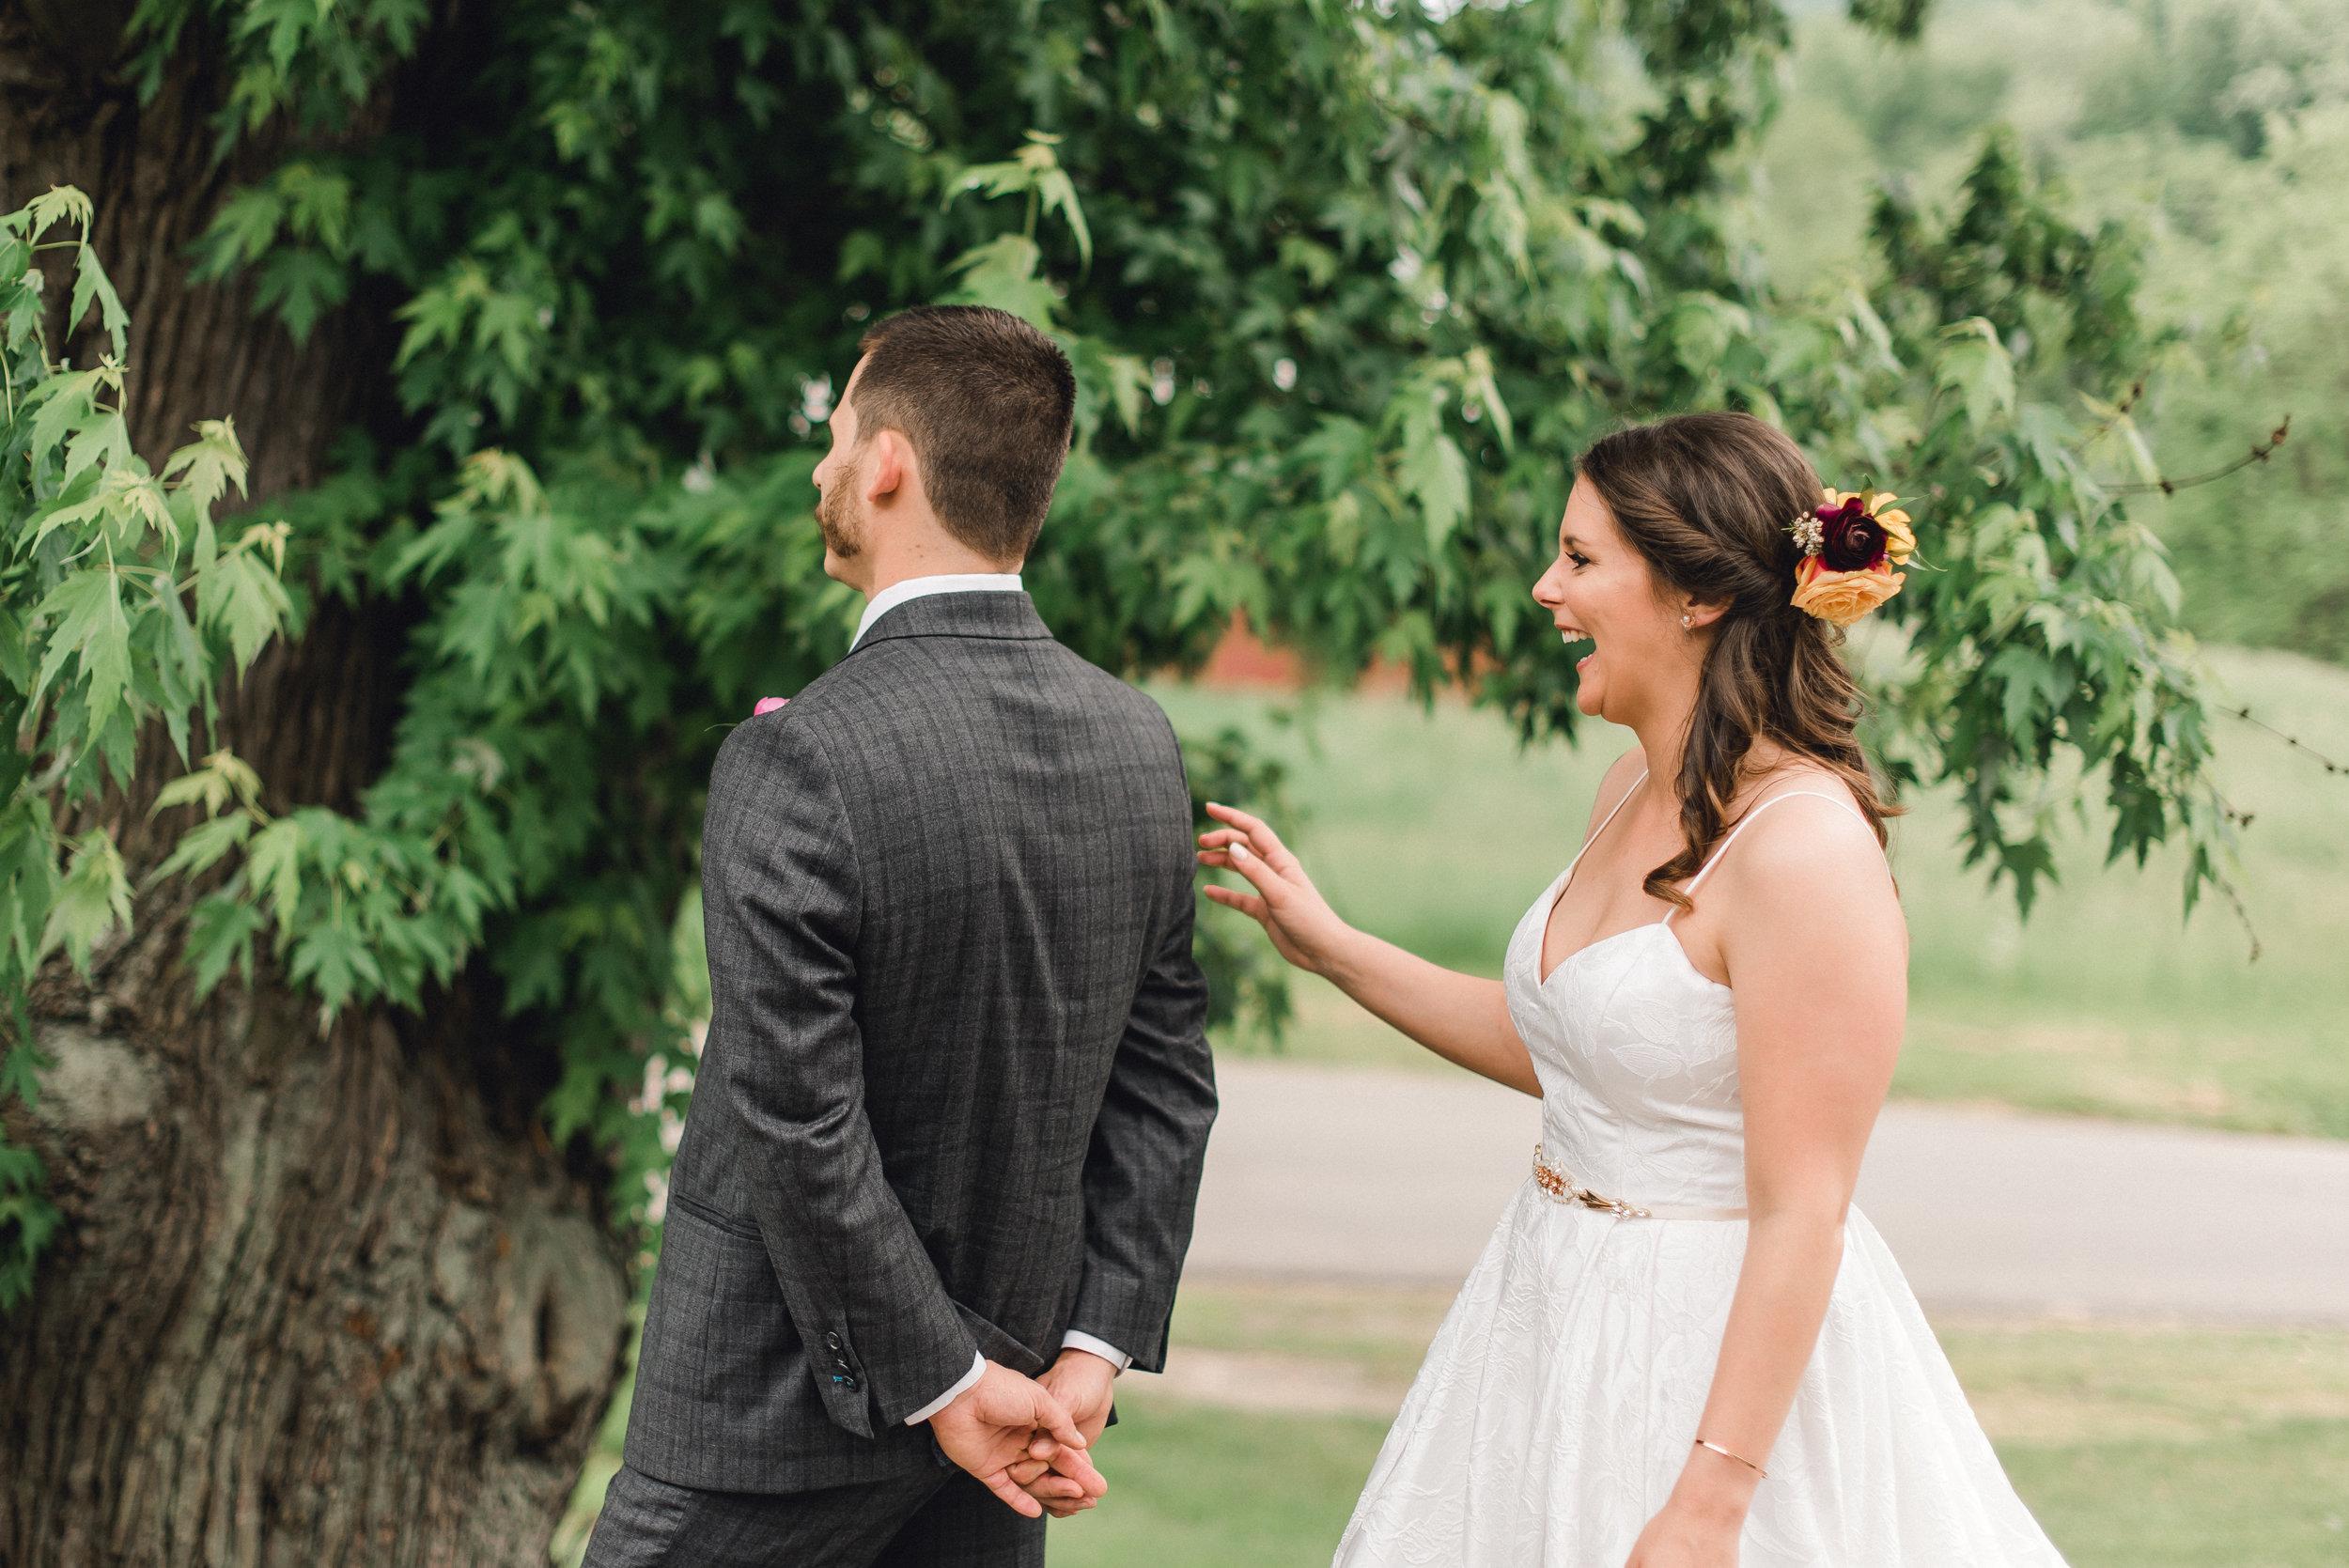 pittsburgh-wedding-bramblewood-farm-barn-wes-anderson-0011.jpg